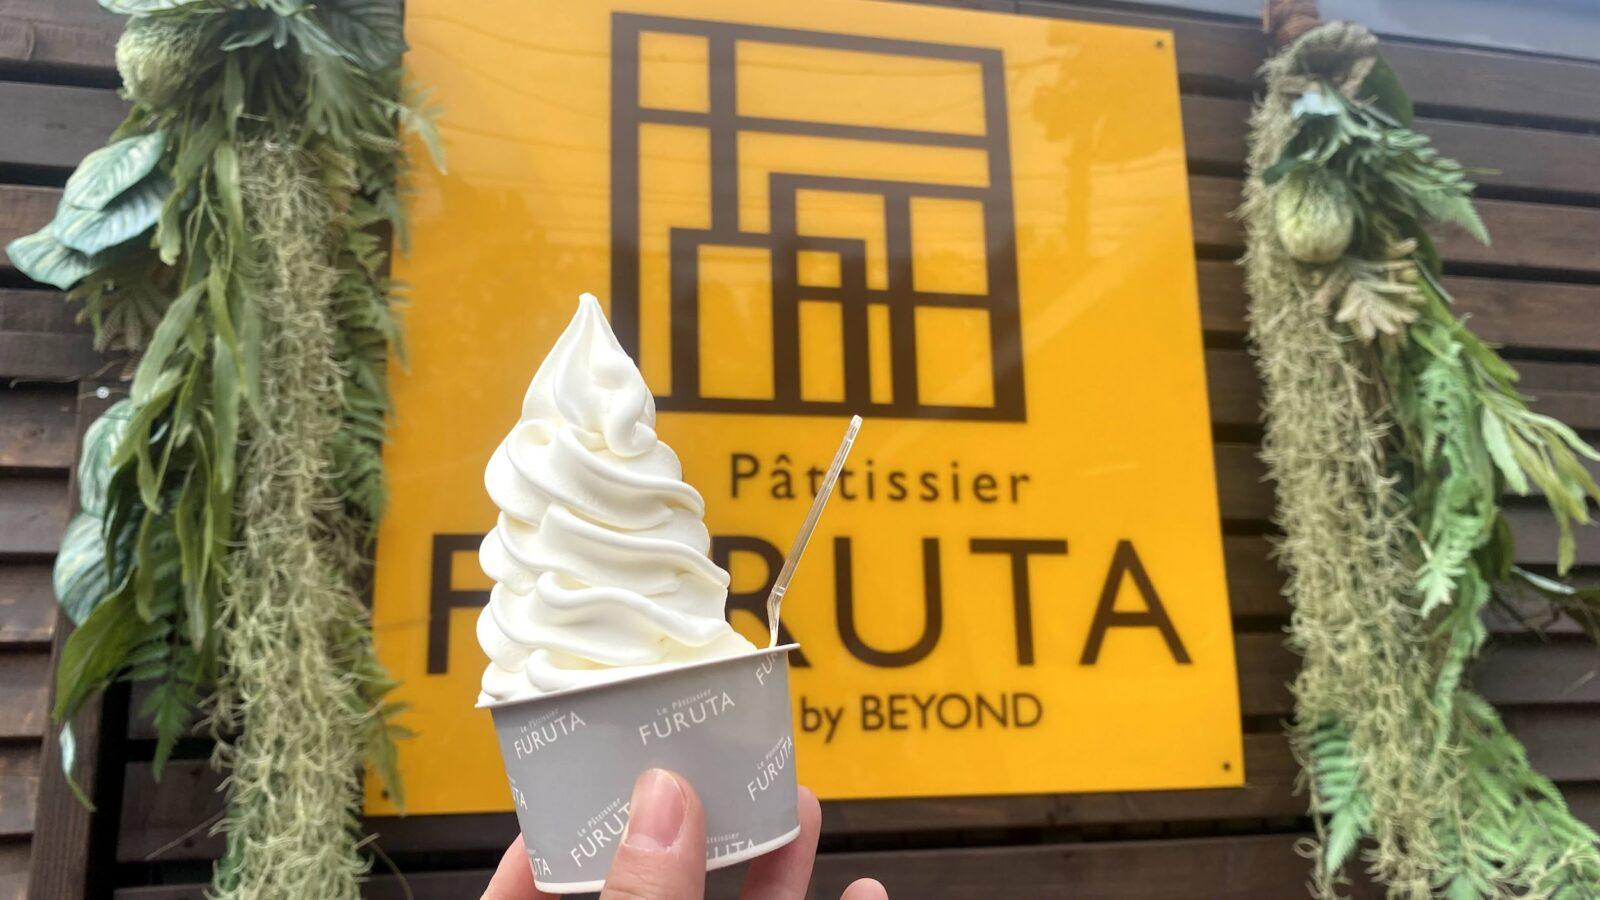 札幌 公園 百合が原 フルタ ソフトクリーム